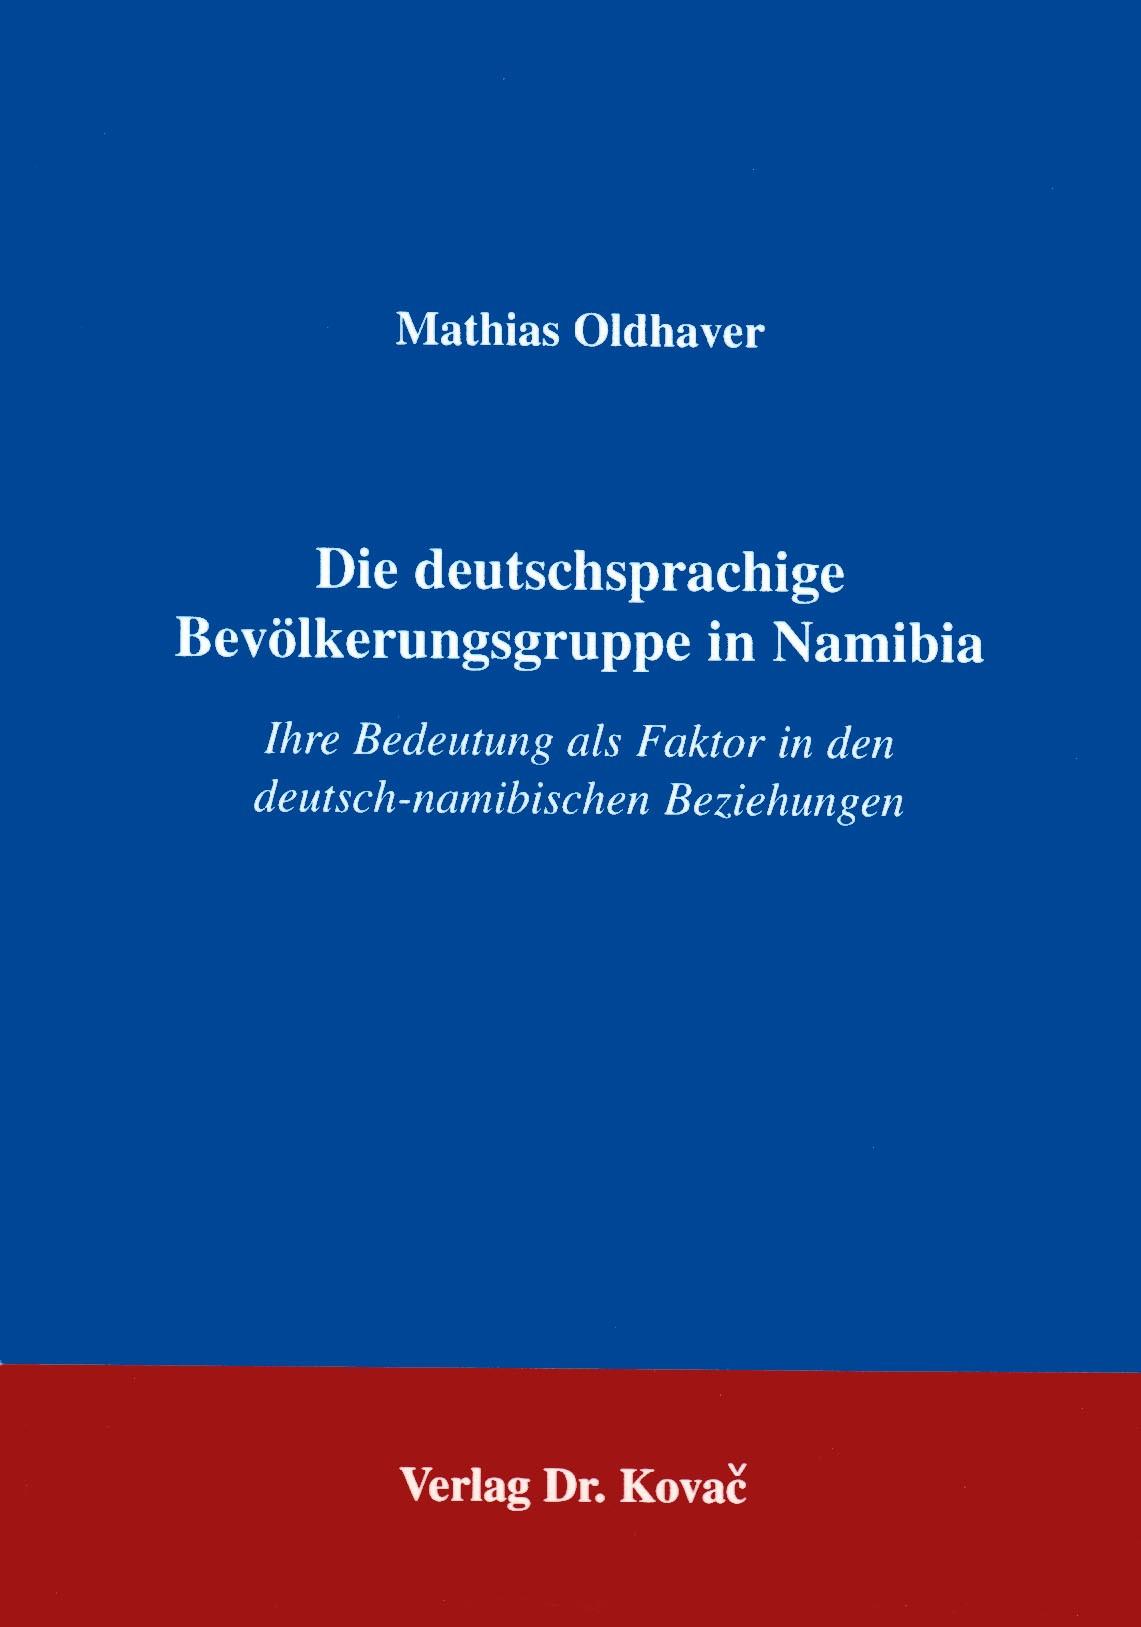 Abbildung von Oldhaver | Die deutschsprachige Bevölkerungsgruppe in Namibia | 1997